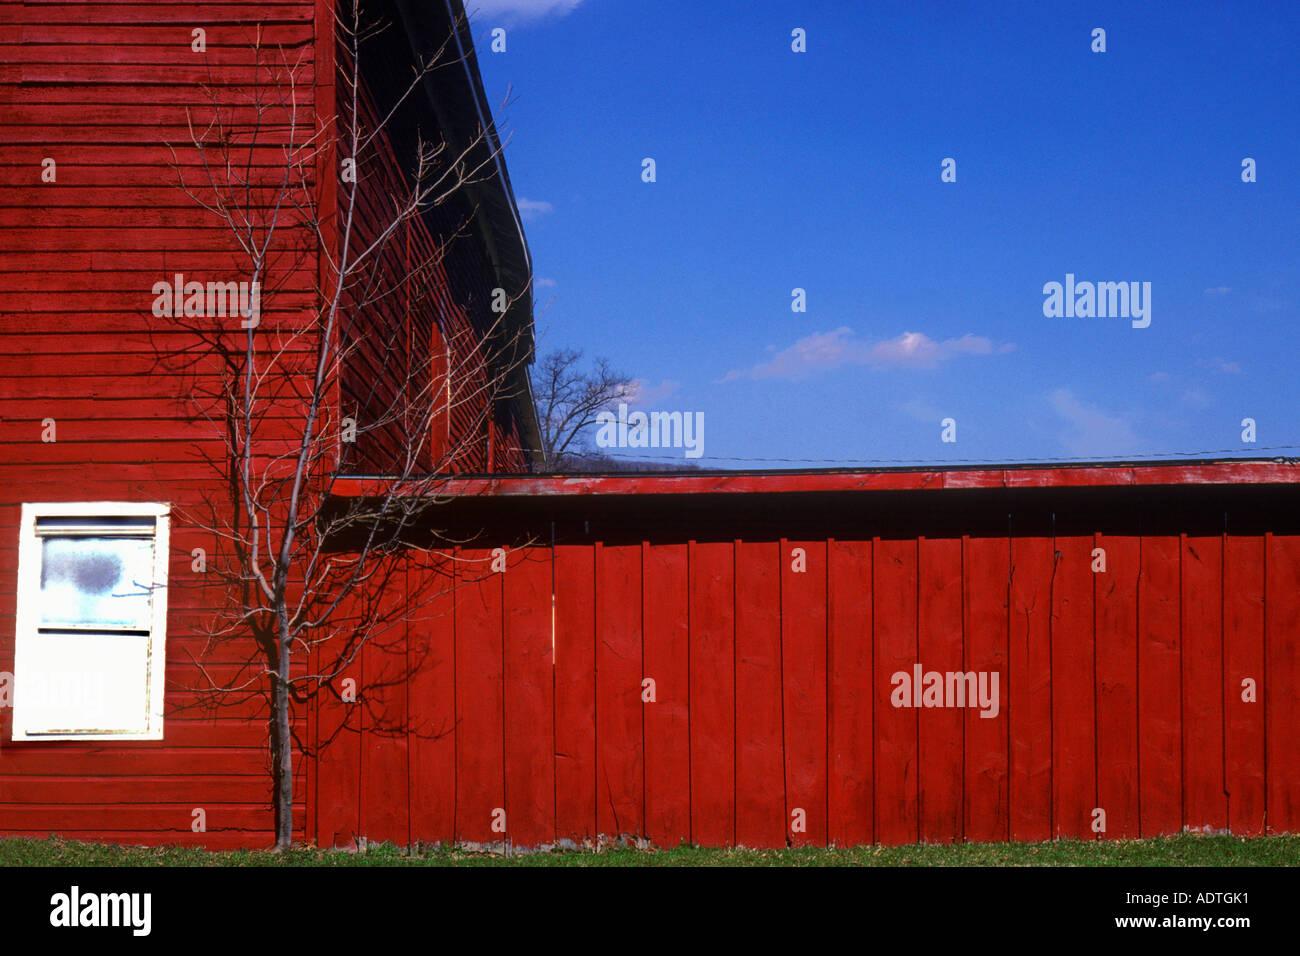 Massachusetts Red Barn Sandra Baker USA - Stock Image